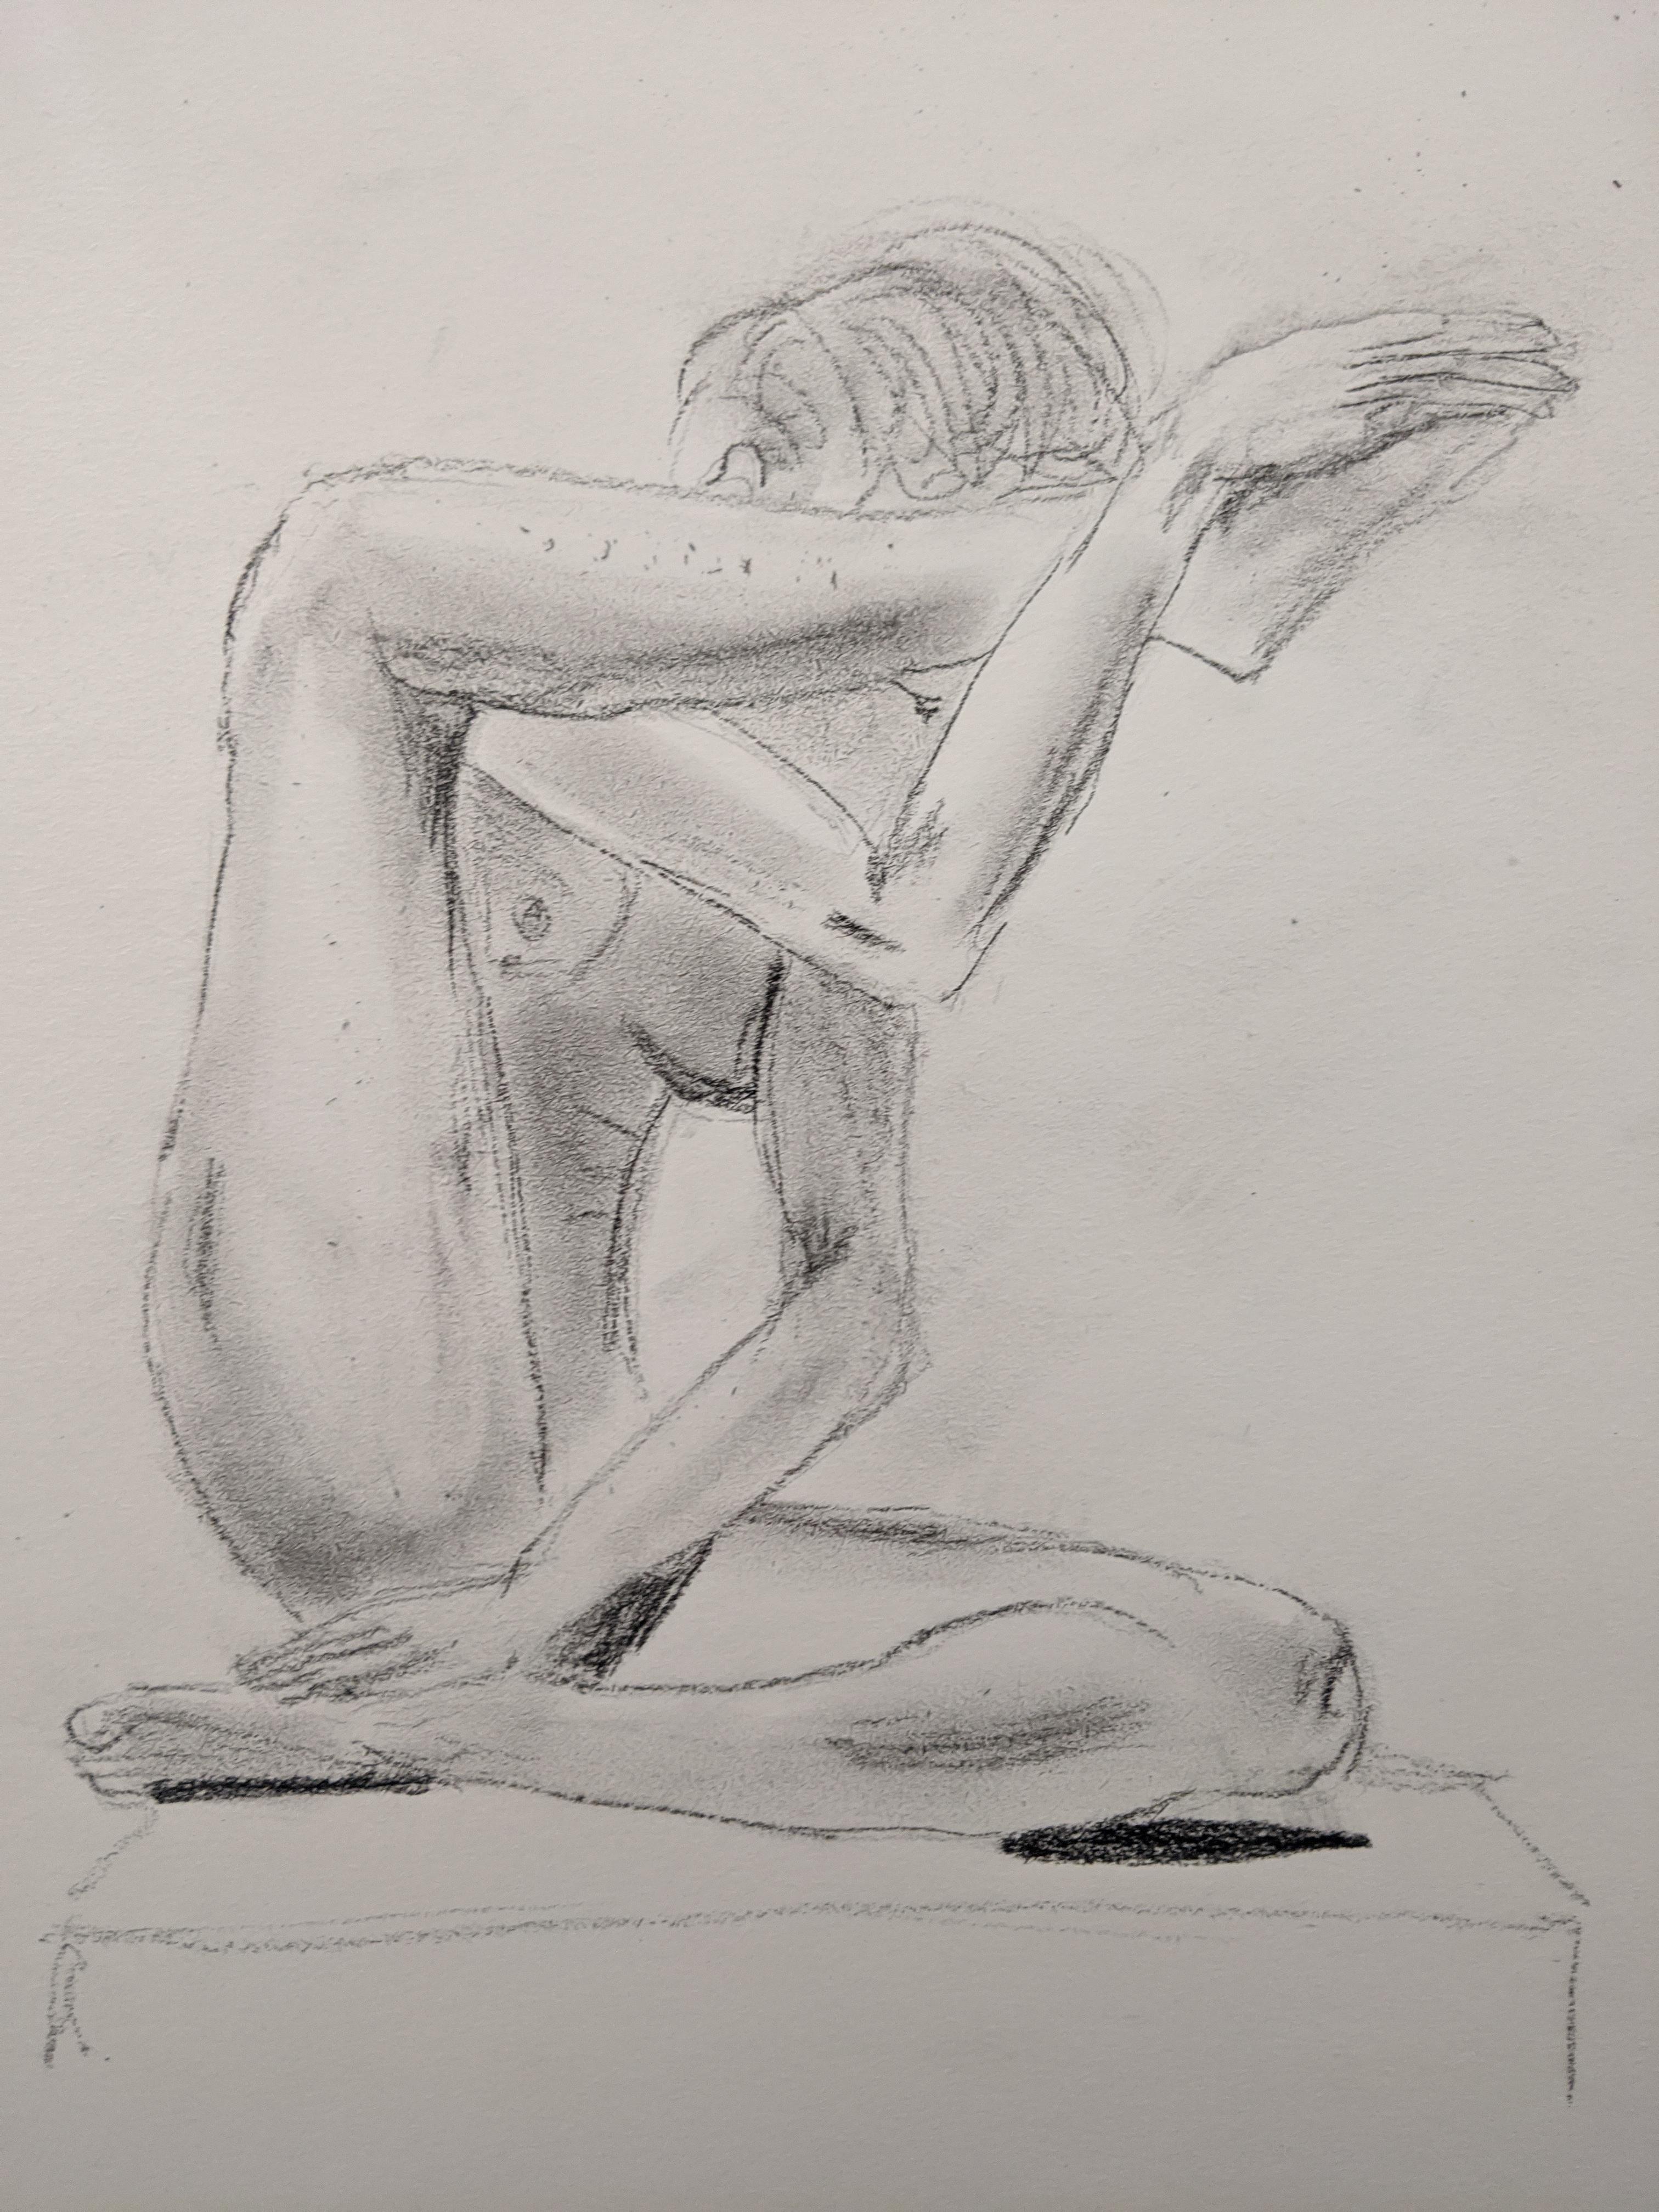 Dessin pierre noir trois quarts face assis mod�le vivant  cours de dessin